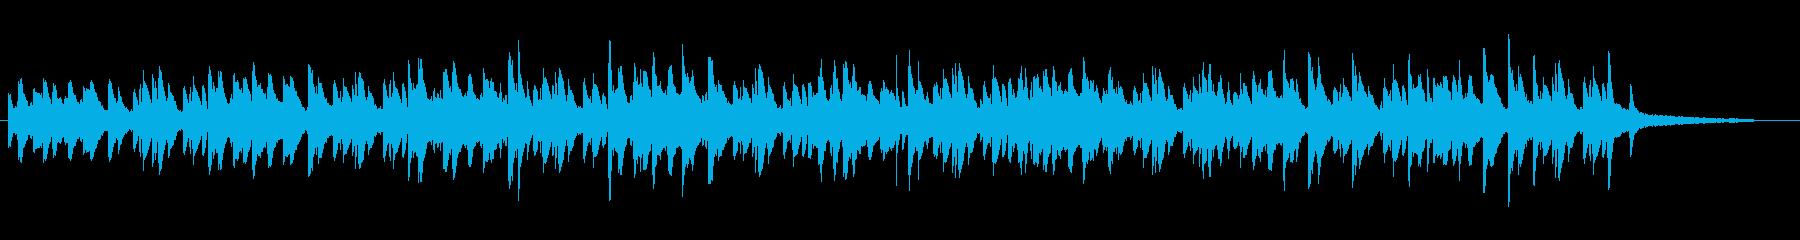 流れるような旋律のピアノ曲の再生済みの波形